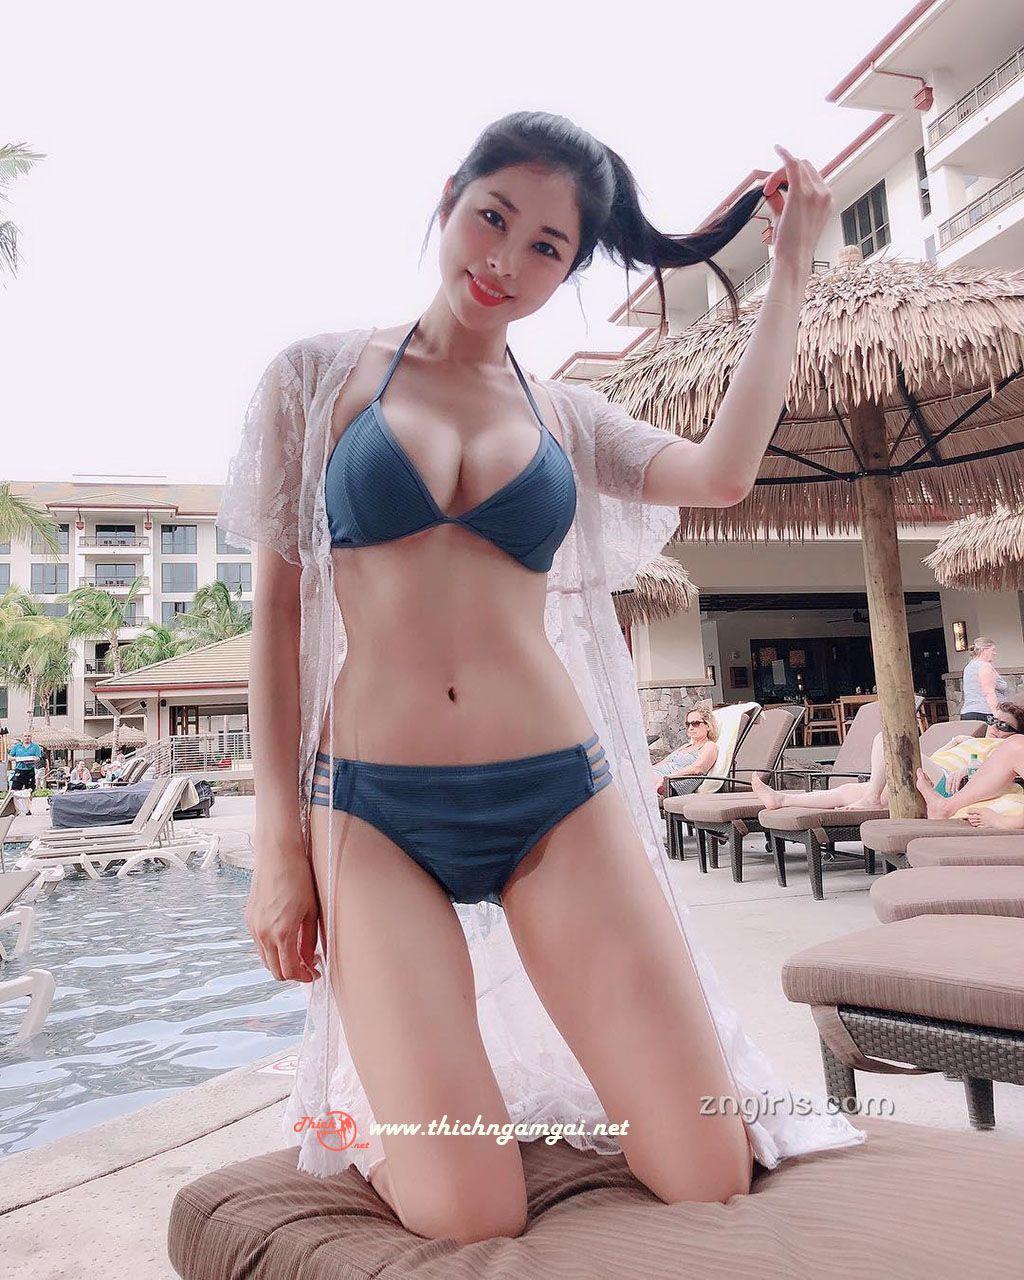 Korea sexxy girl